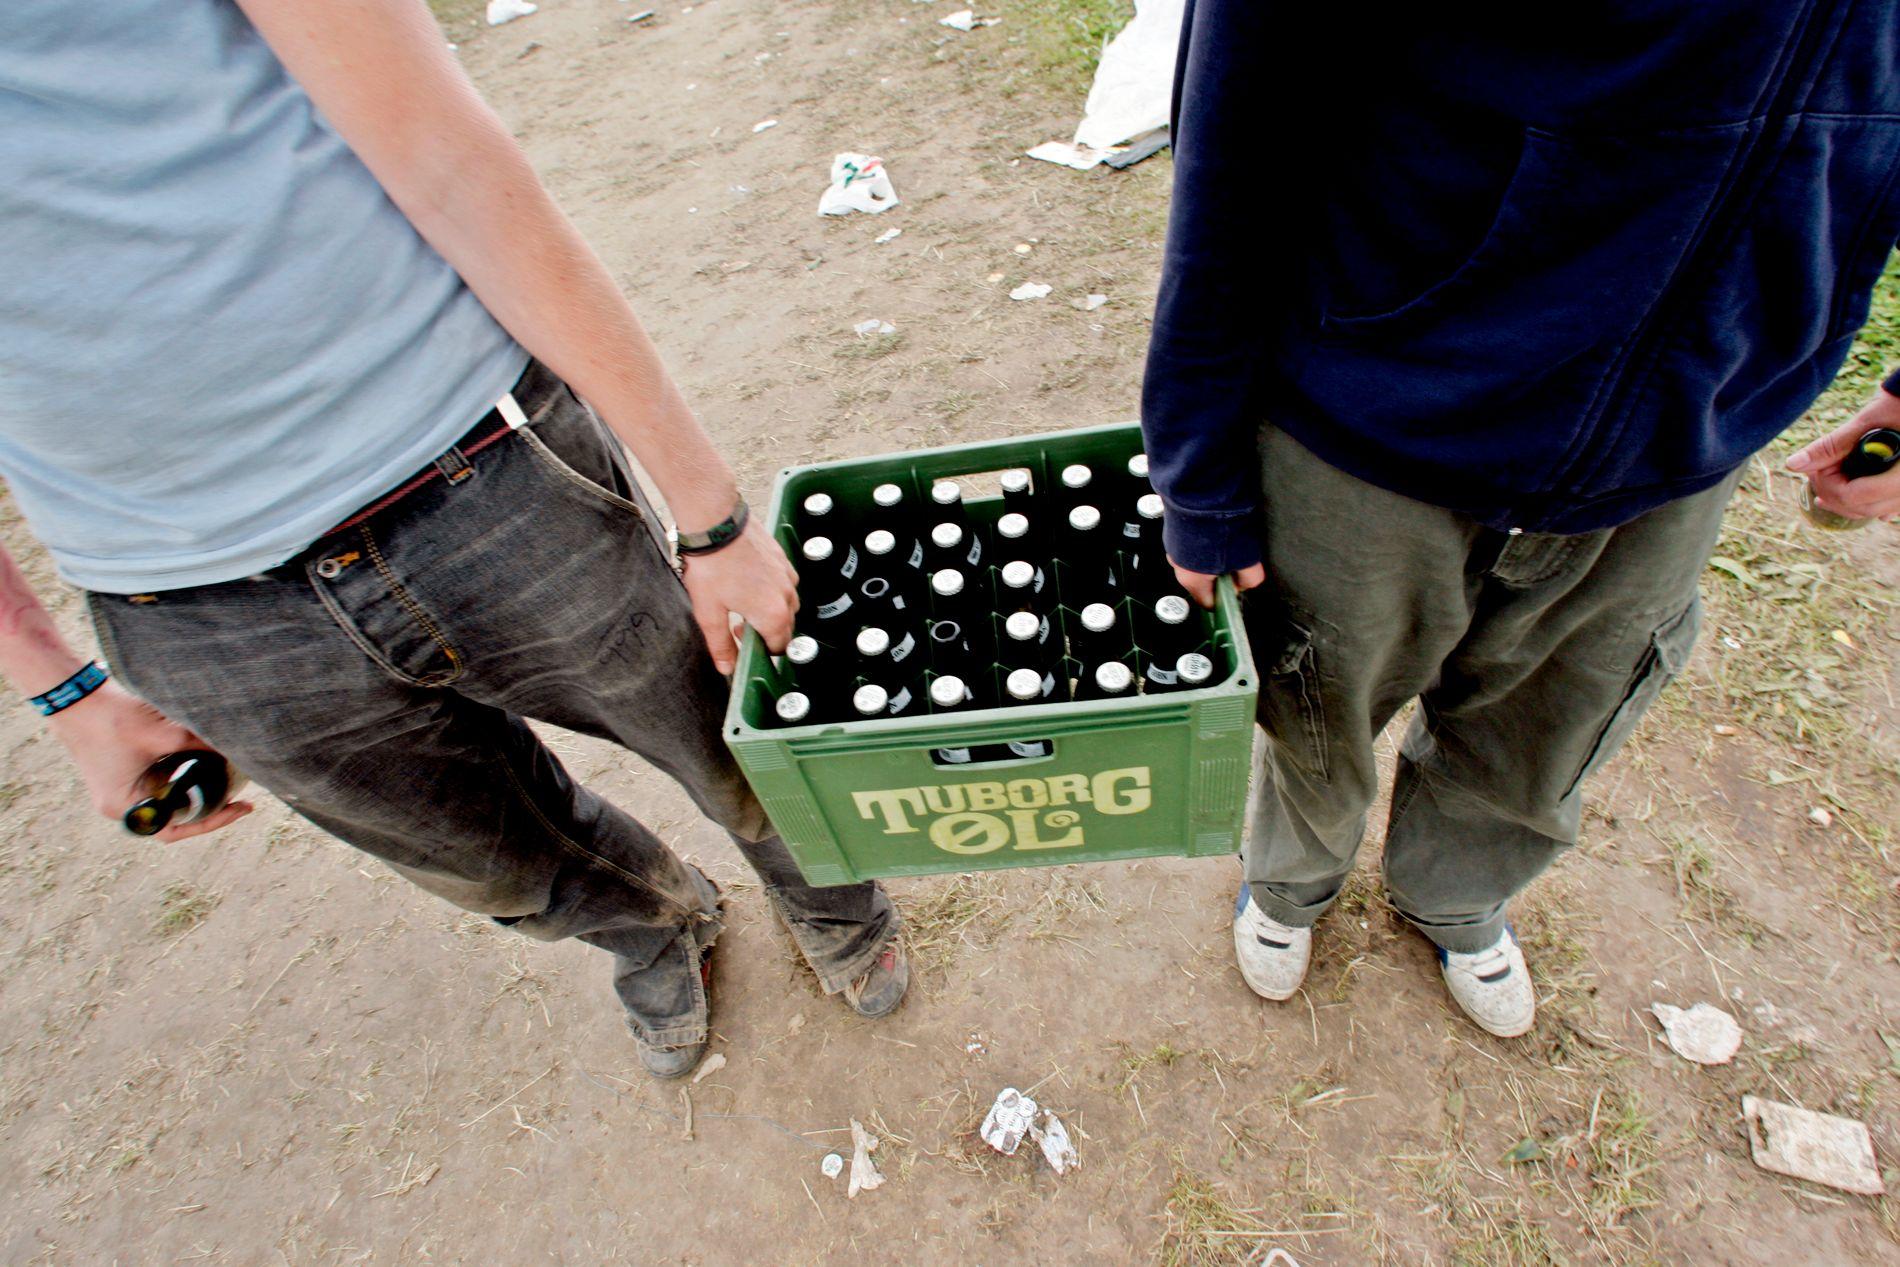 – Det er mange gode grunner til å utsette rusen lengst mulig, samme hvilket stoff man henter den fra. Mennesker er nevrologisk, psykologisk og sosialt sett bedre rustet til å håndtere rus når tenårene forlates, skriver Øystein Skjælaaen. Bildet er fra Roskilde-festivalen.